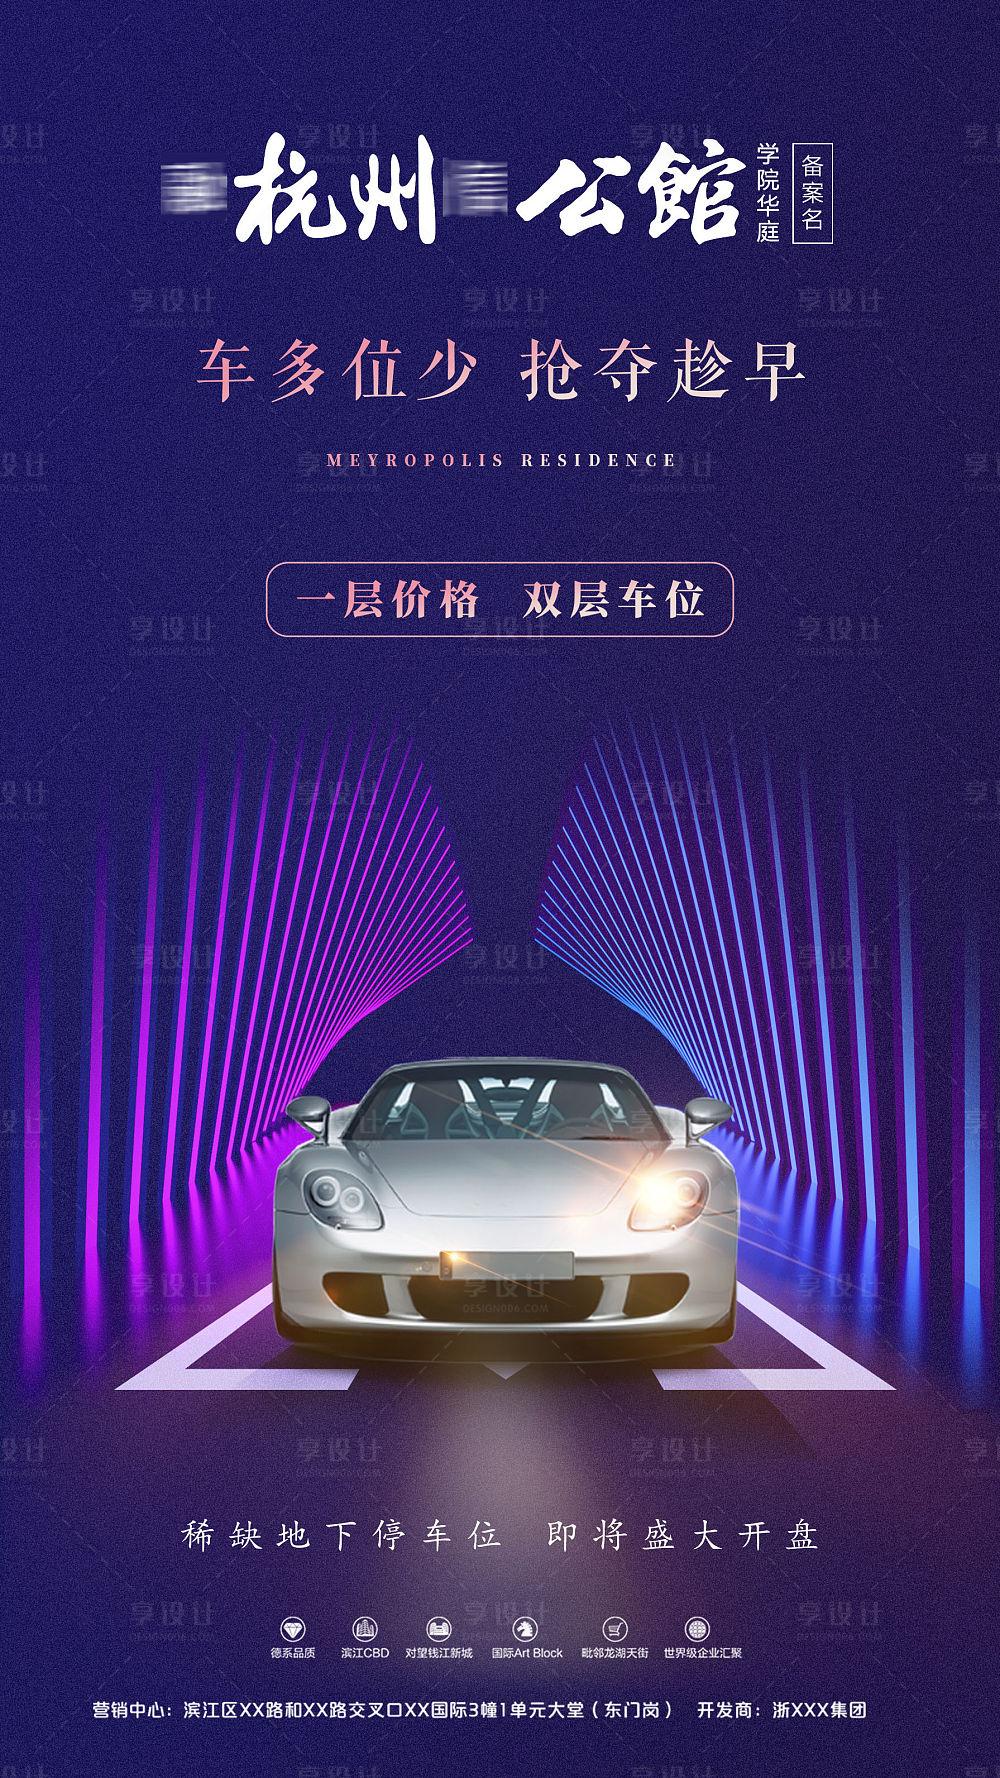 【源文件下载】 海报 房地产  车位 汽车 炫酷 炫彩